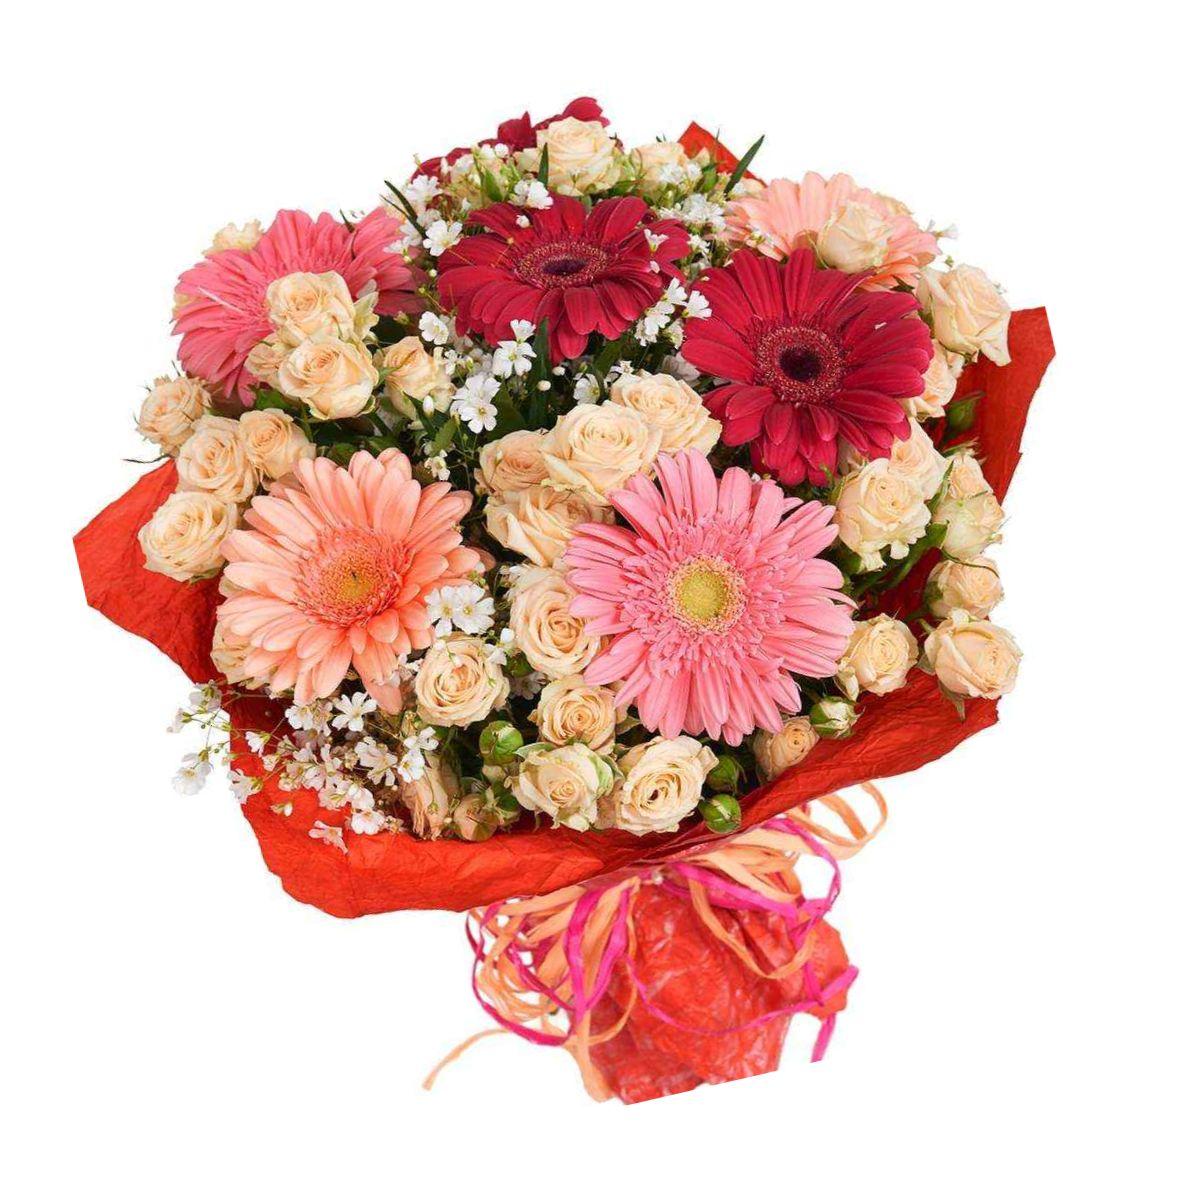 Доставка цветов надом по харькову доставка цветов и тортов в ростове-на-дону